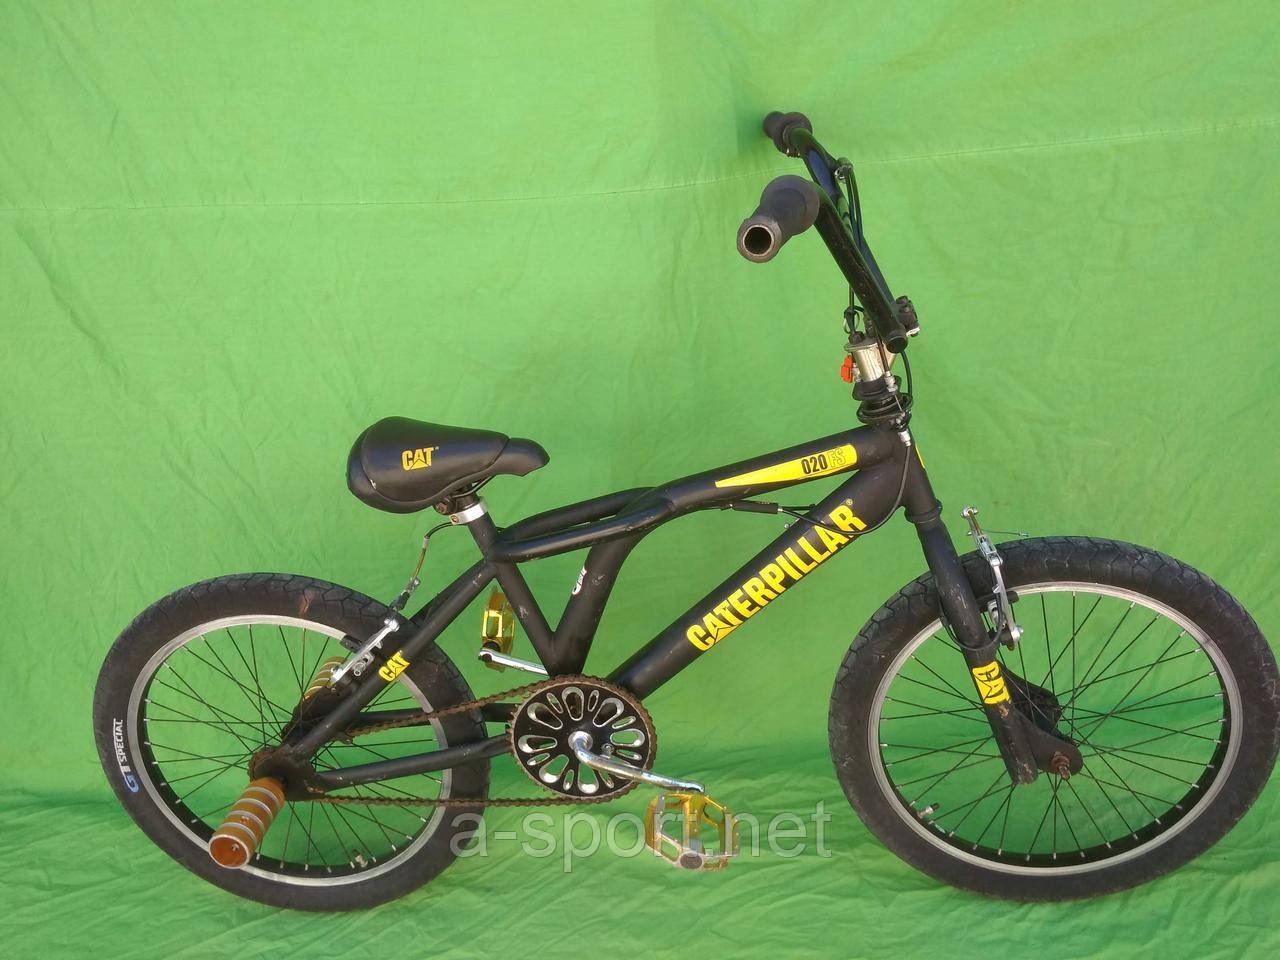 Велосипед BMX Caterpilar, колеса 20